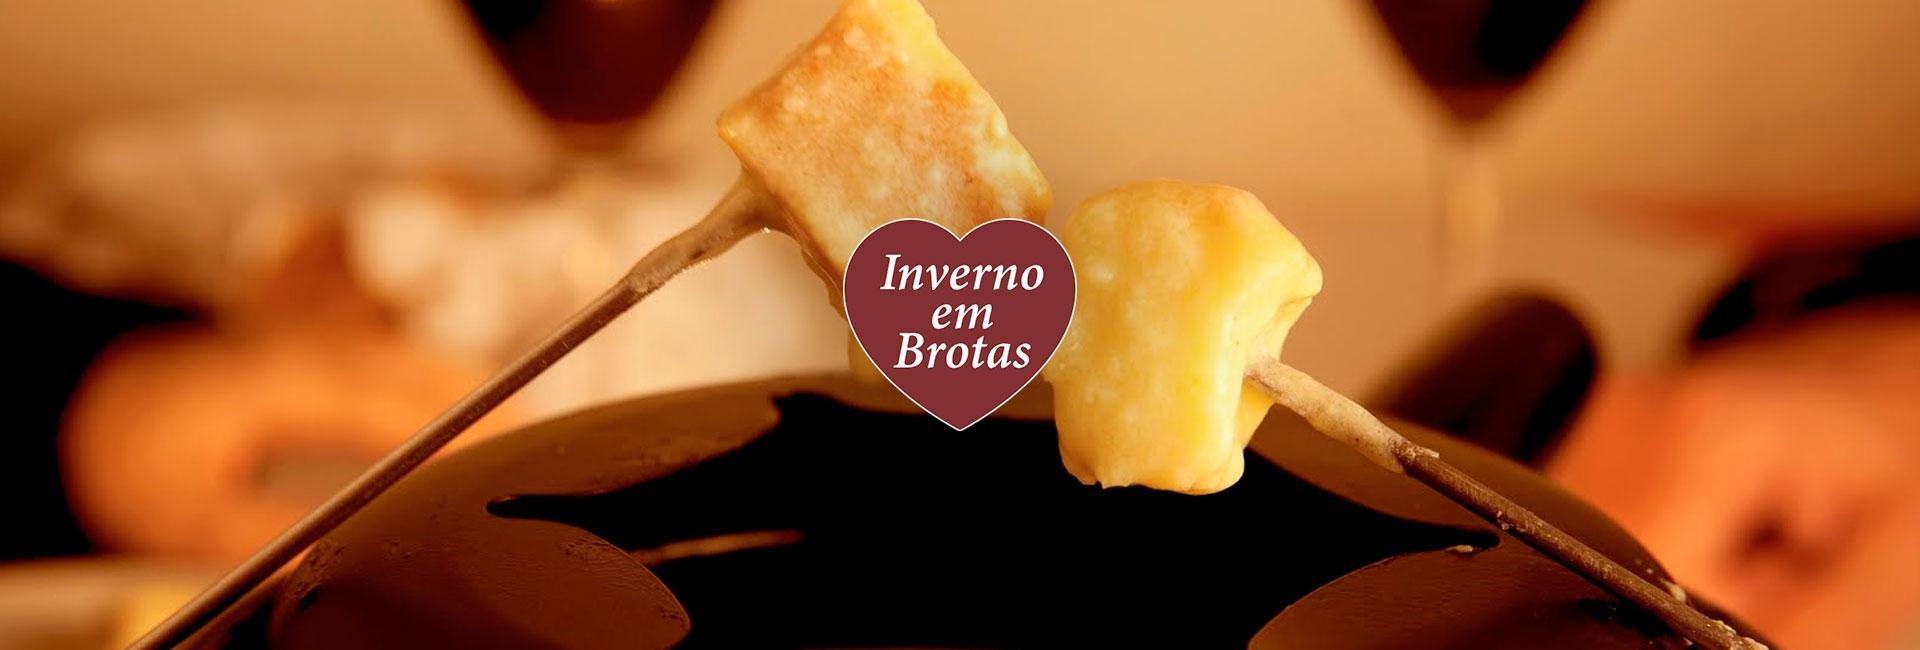 fondue-inverno-pousada-das-nascentes